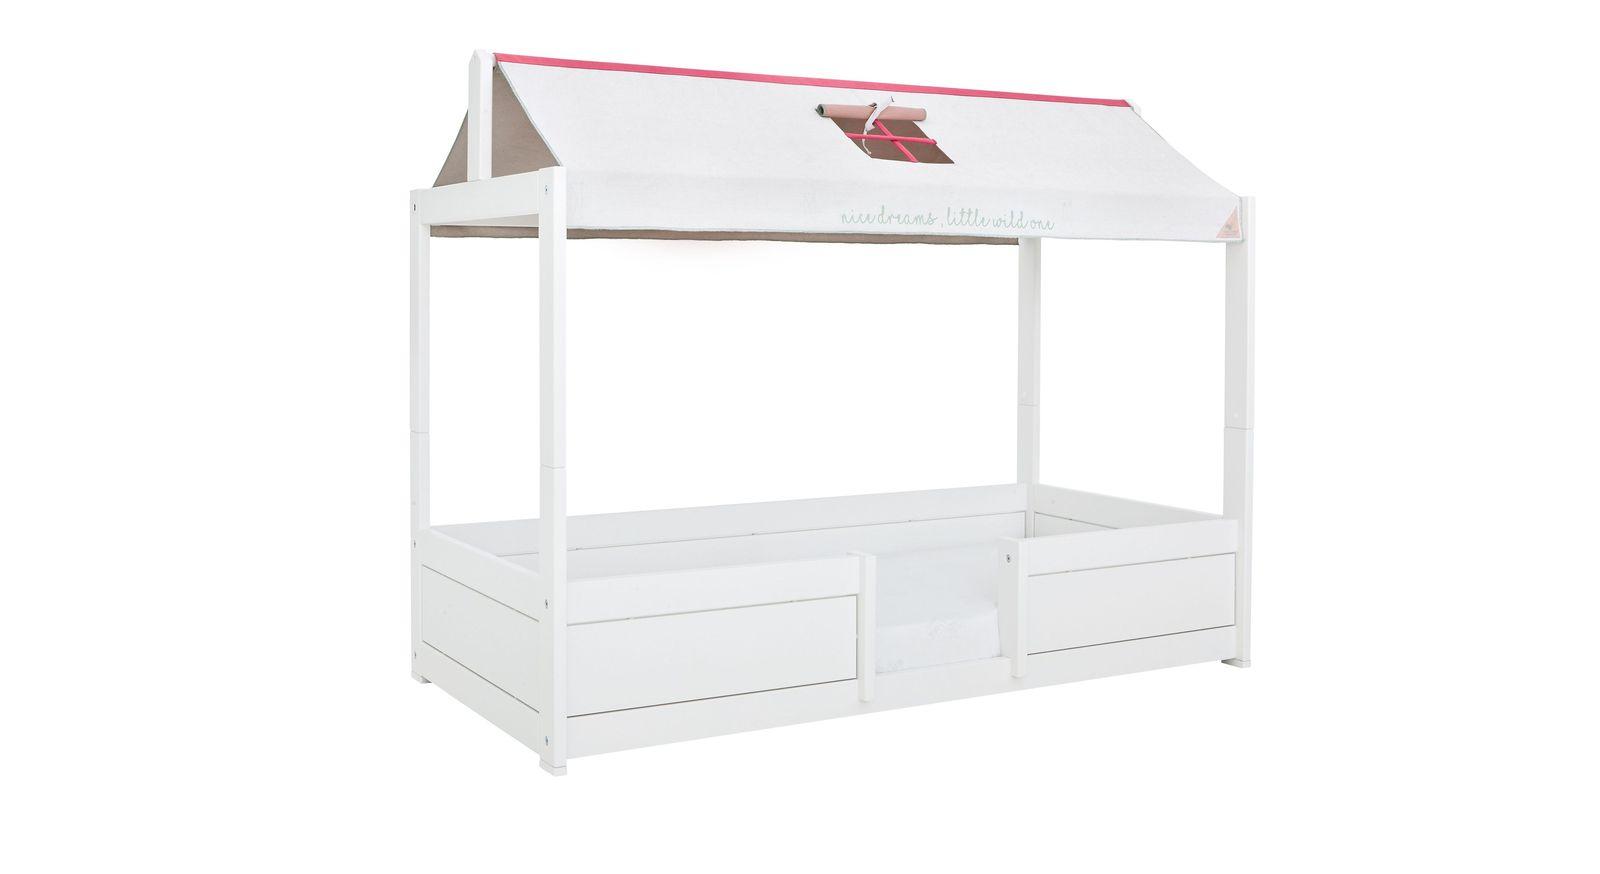 LIFETIME Kinderbett 4-in-1 Sioux mit Betthimmel als Dach